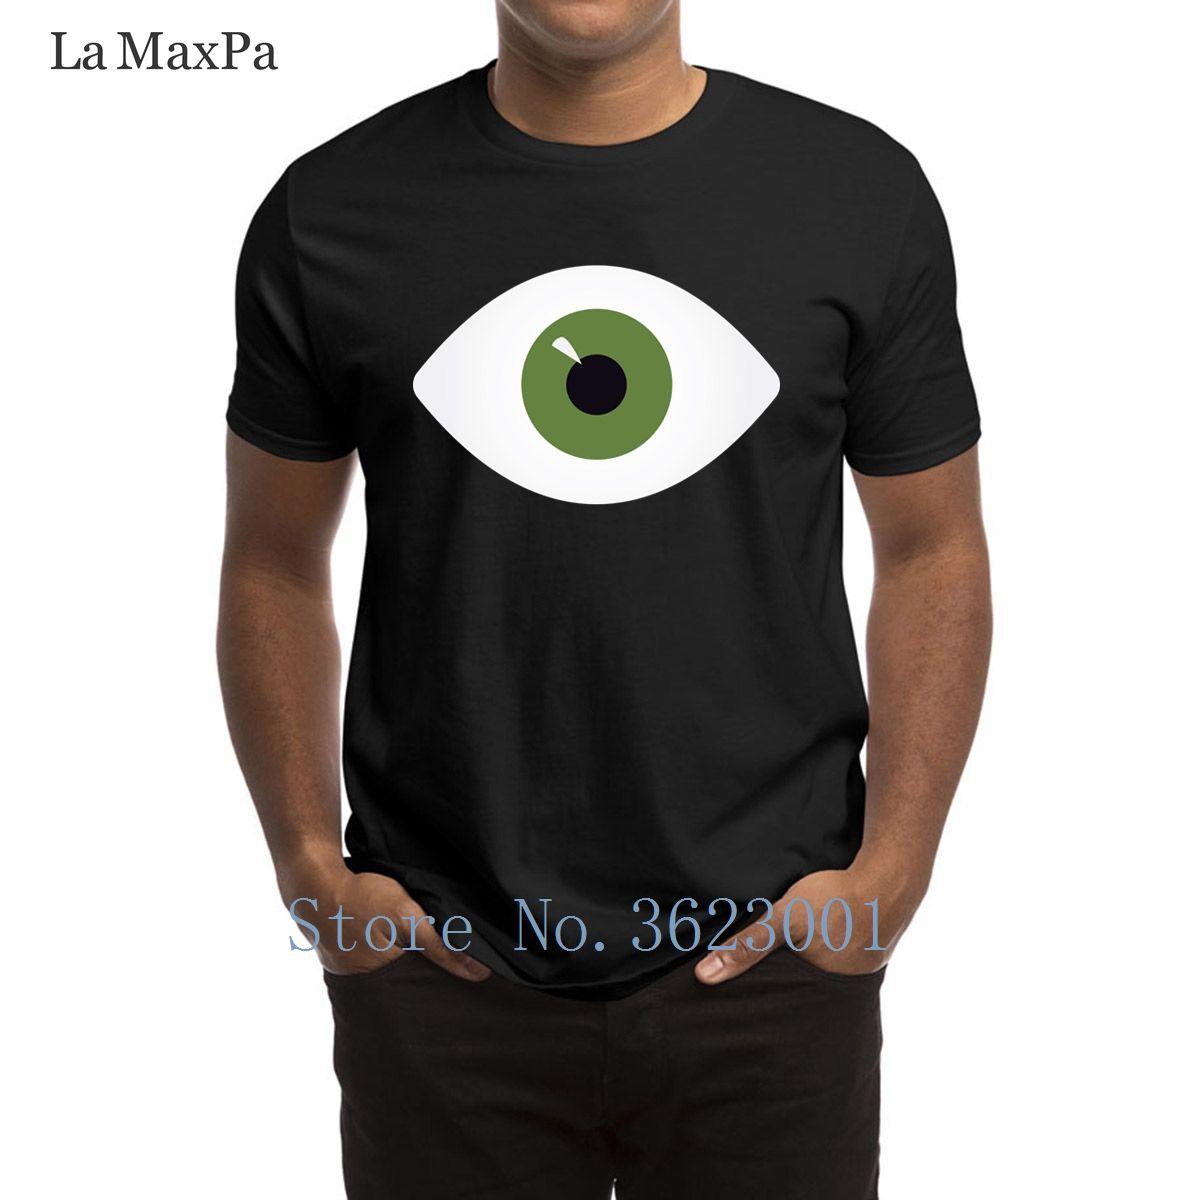 Erstellen Sie cooles T-Shirt für Männer Eye Of Green Men-T-Shirt Spaß-Kleidung T-Shirt Mann-Super-Kurzarm-T-Shirt Hiphop Tops